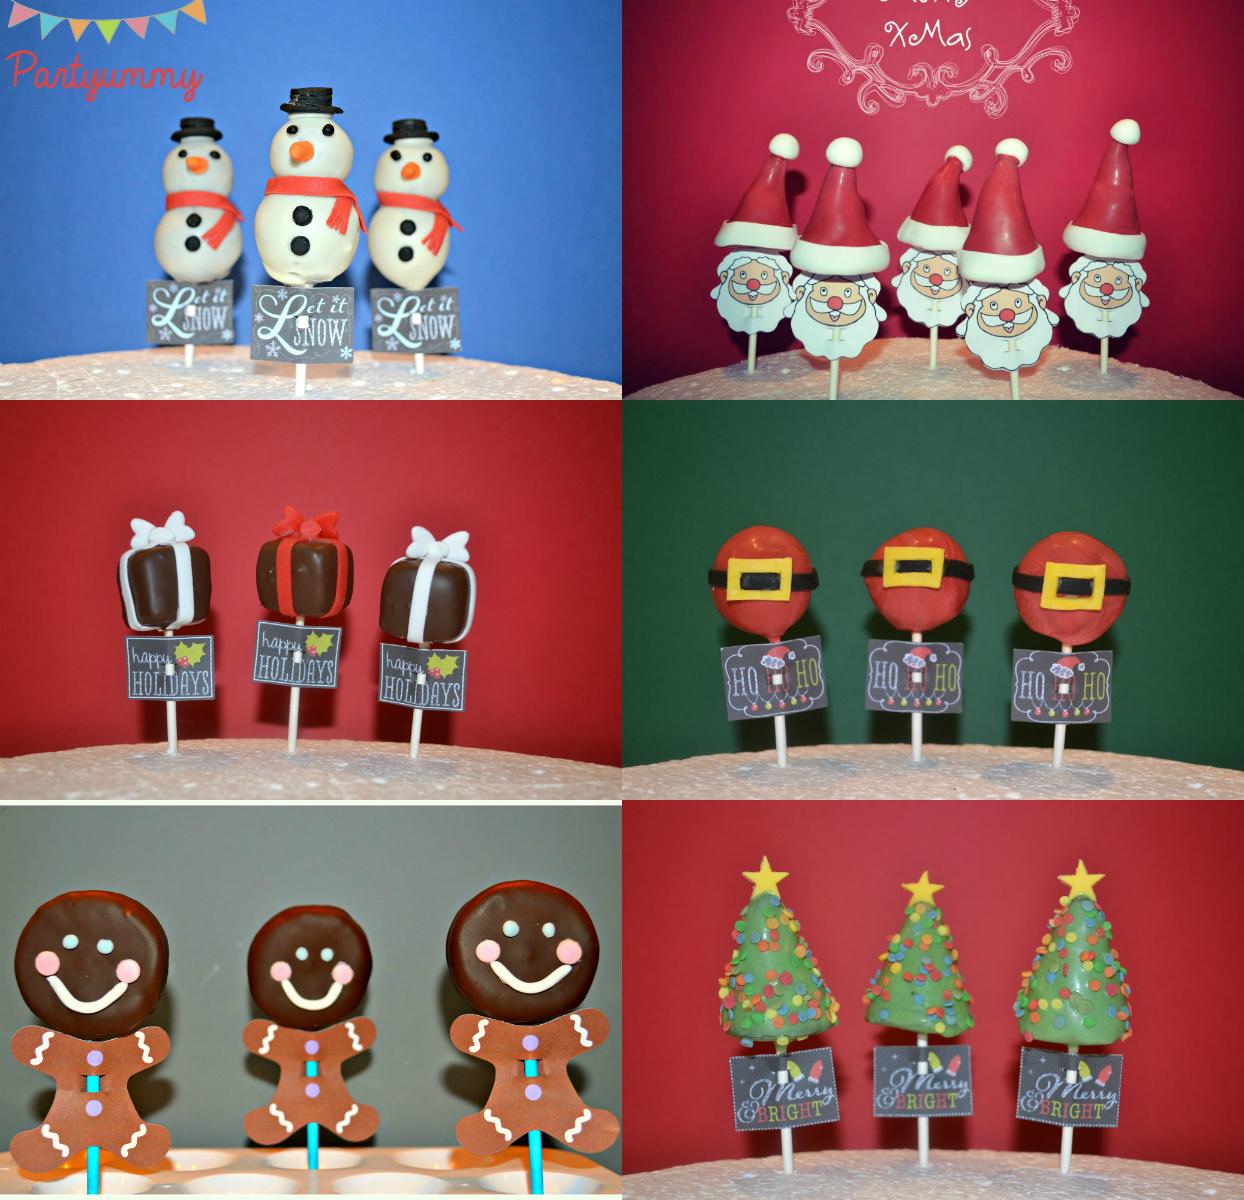 cake-pops-noel-bonhomme-de-neige-pere-noel-cadeaux-sapin